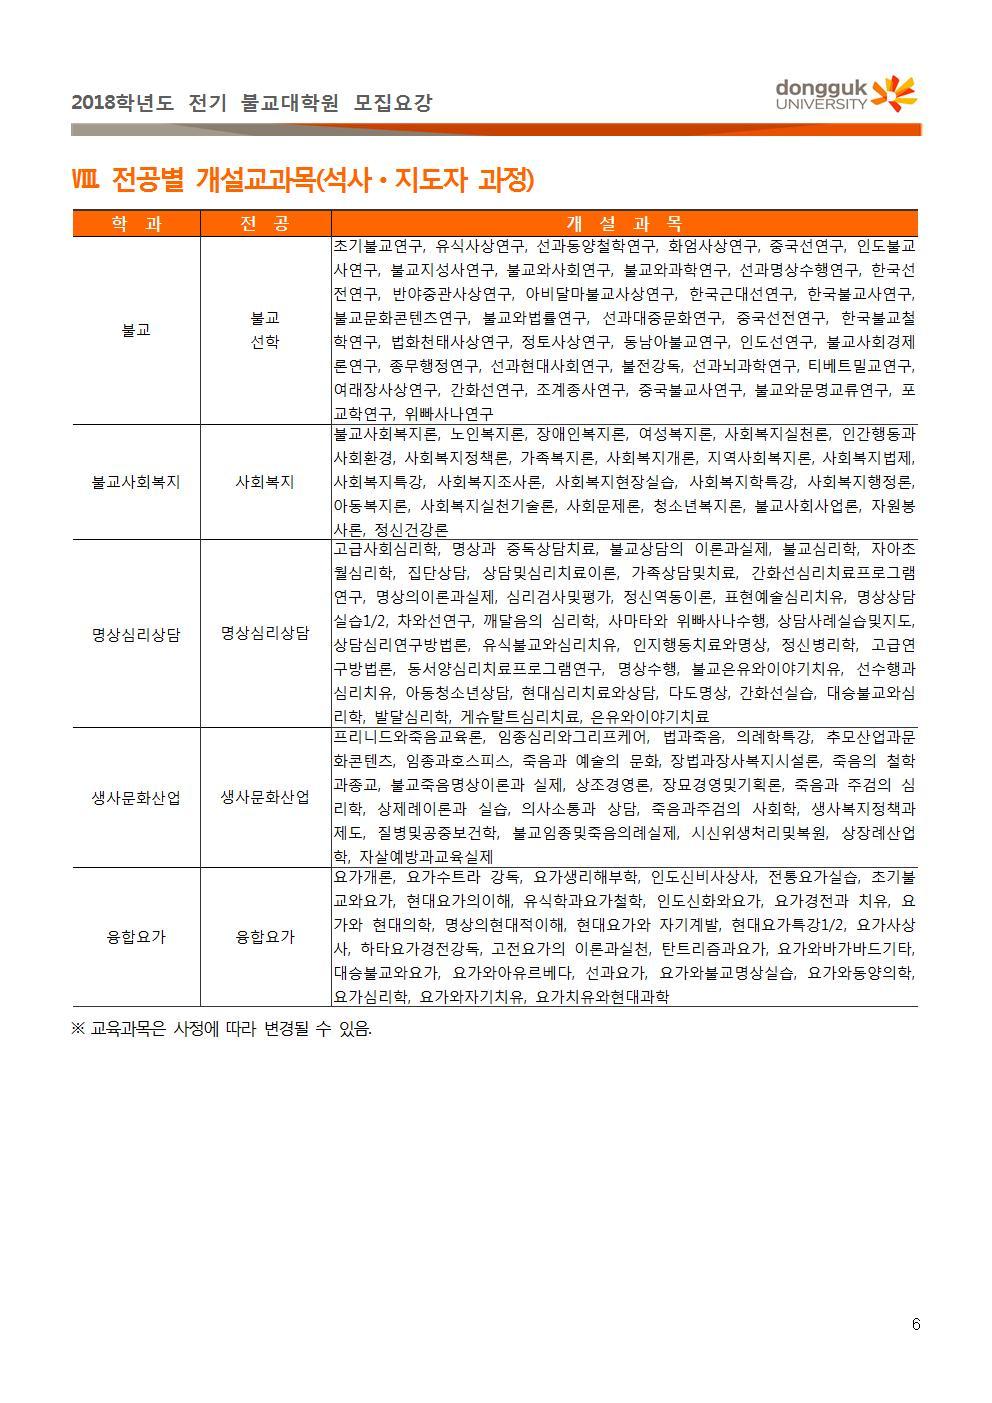 (첨부1) 불교대학원 2018학년도 전기 신입생 모집 요강(2차)006